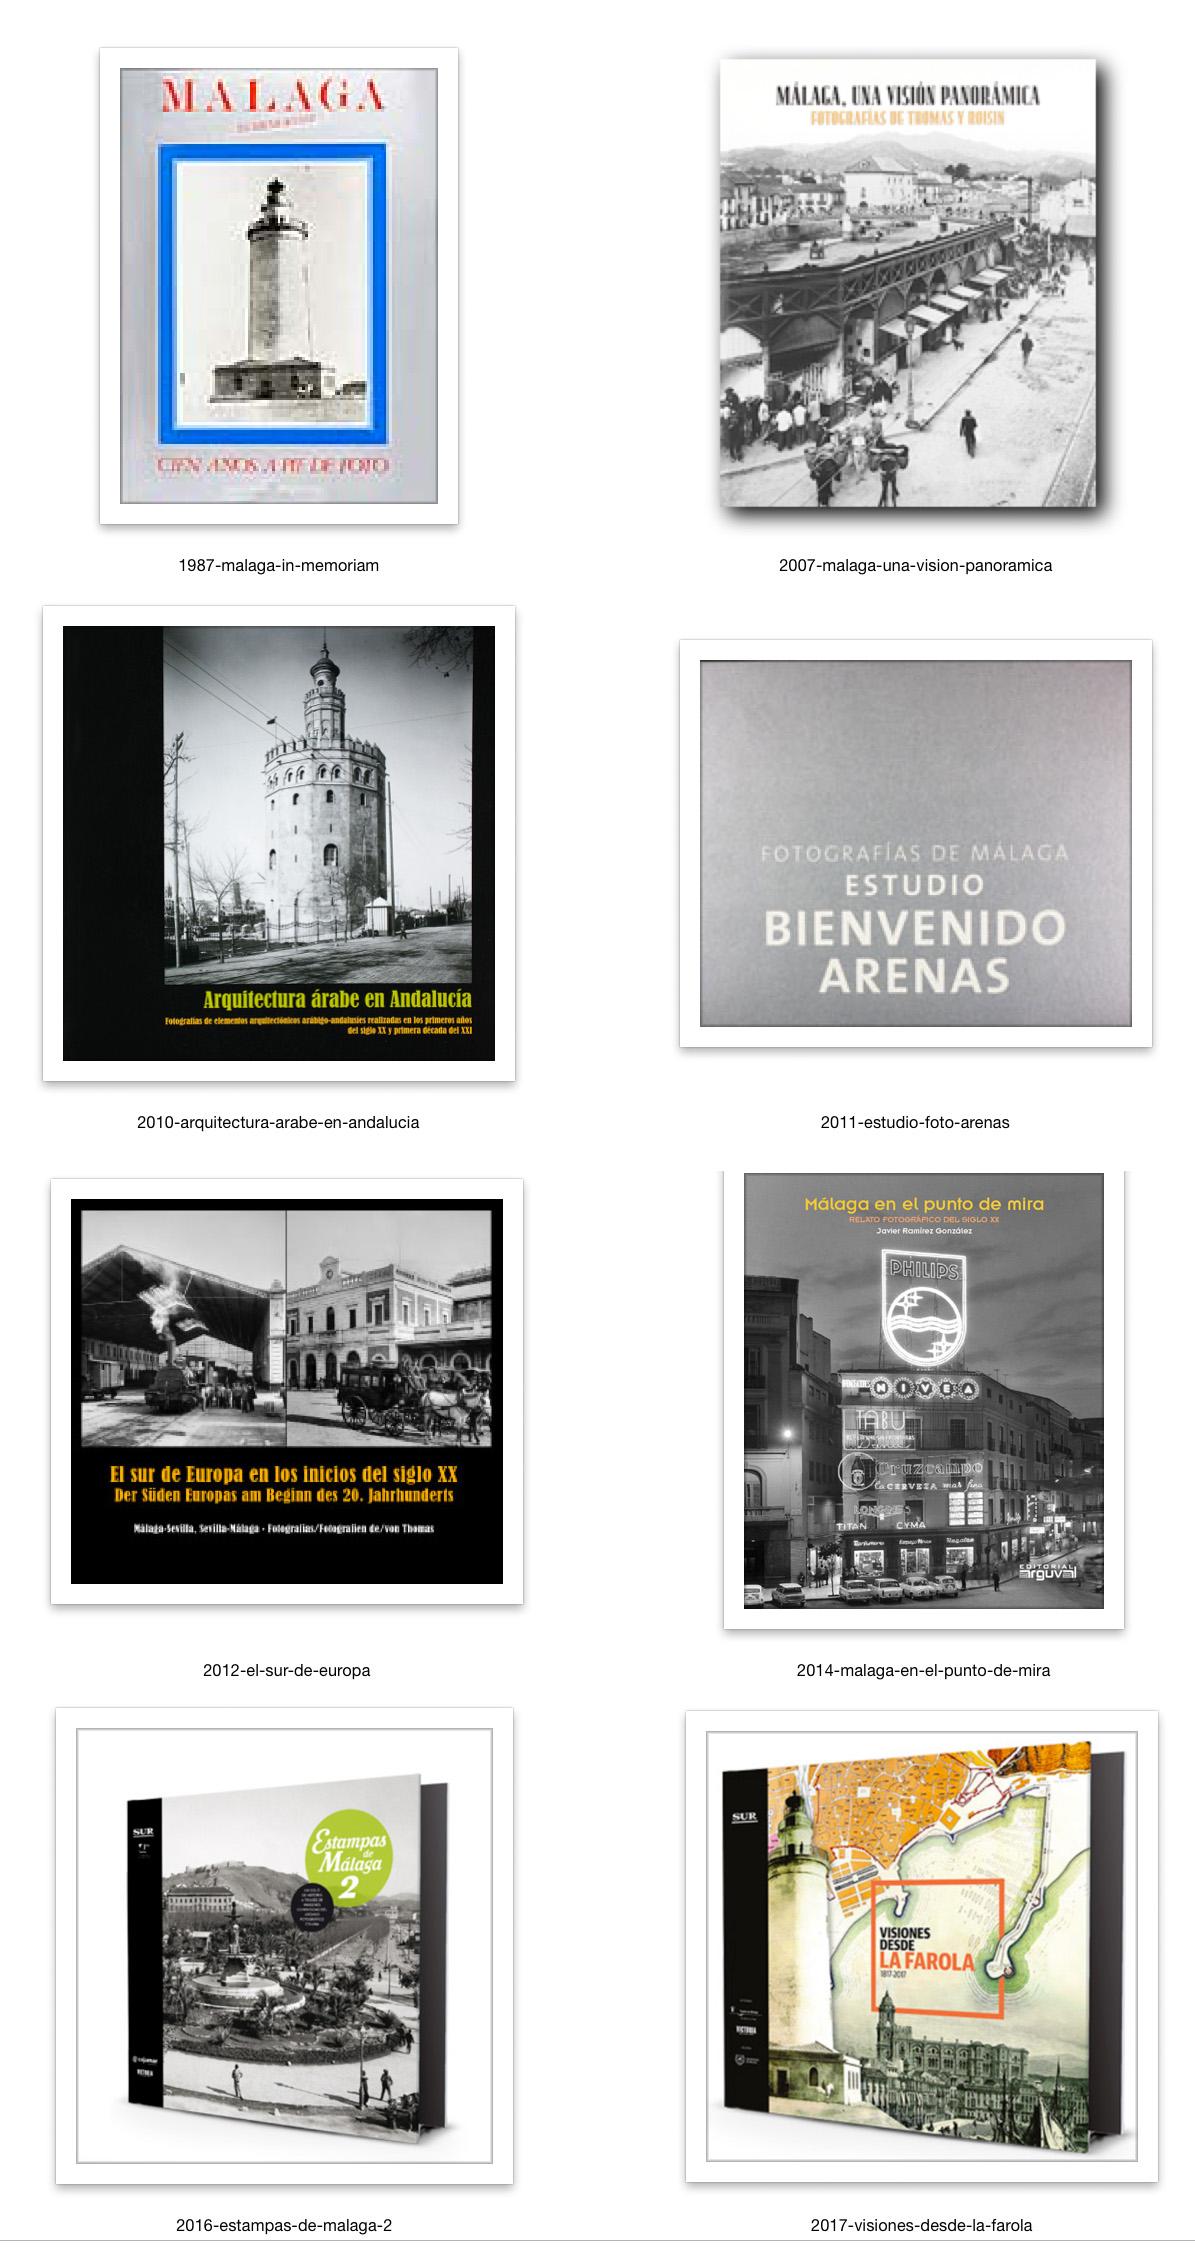 1987-20-publicaciones-javier-ramirez